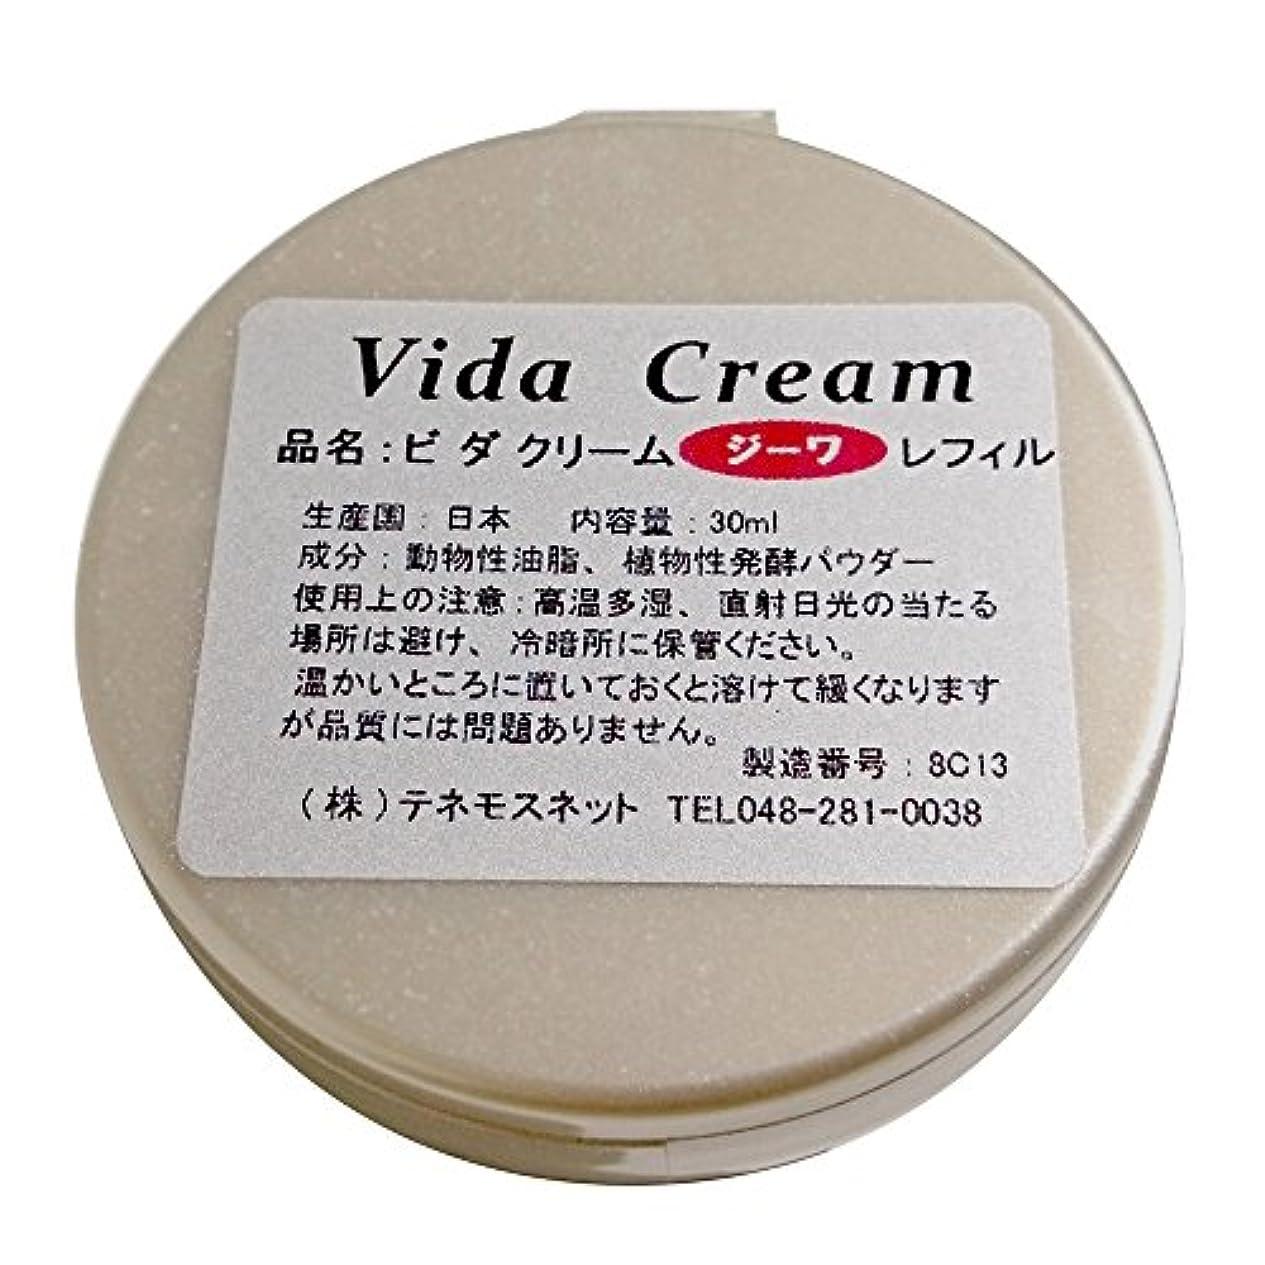 月曜日国歌儀式テネモス ビダクリーム Vida Cream ジーワ レフィル 付替用 30ml